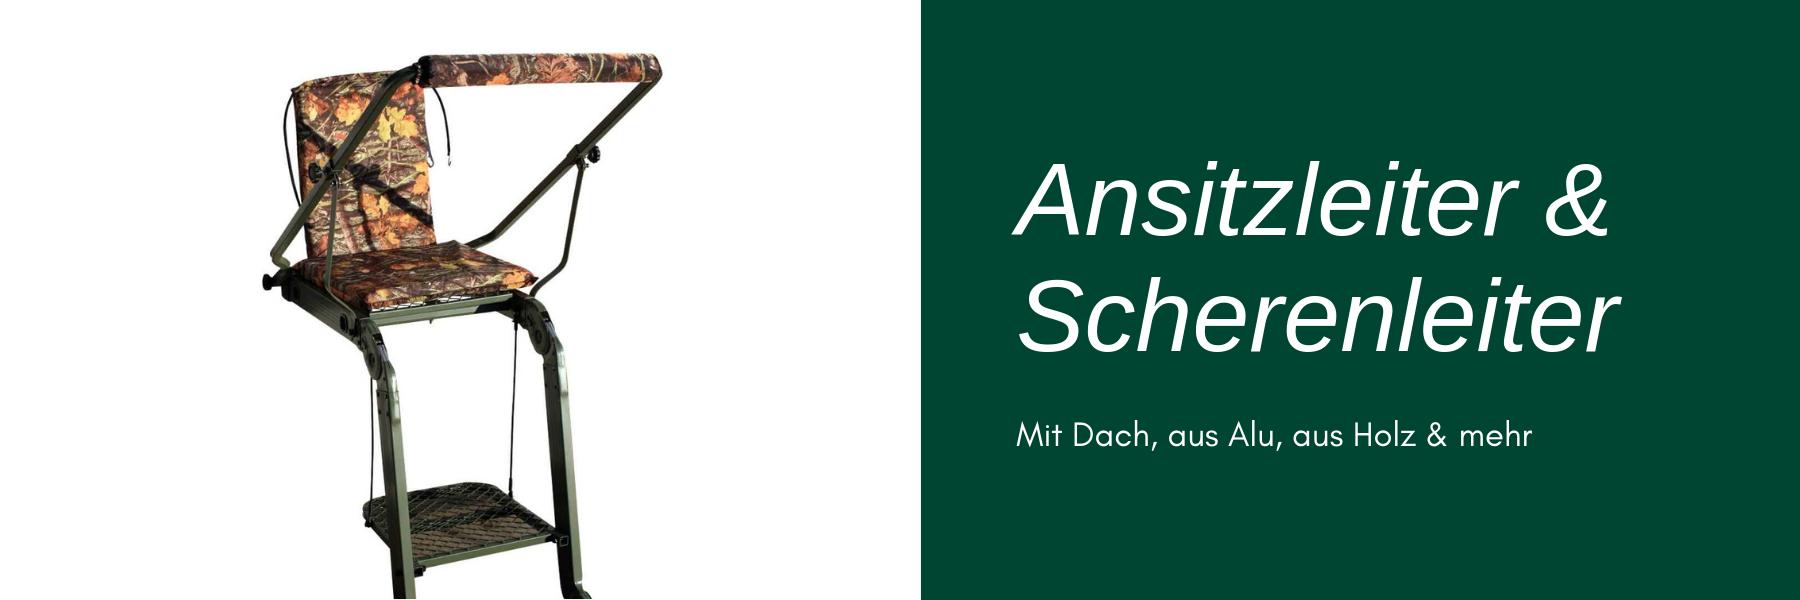 Ansitzleiter & Scherenleiter -